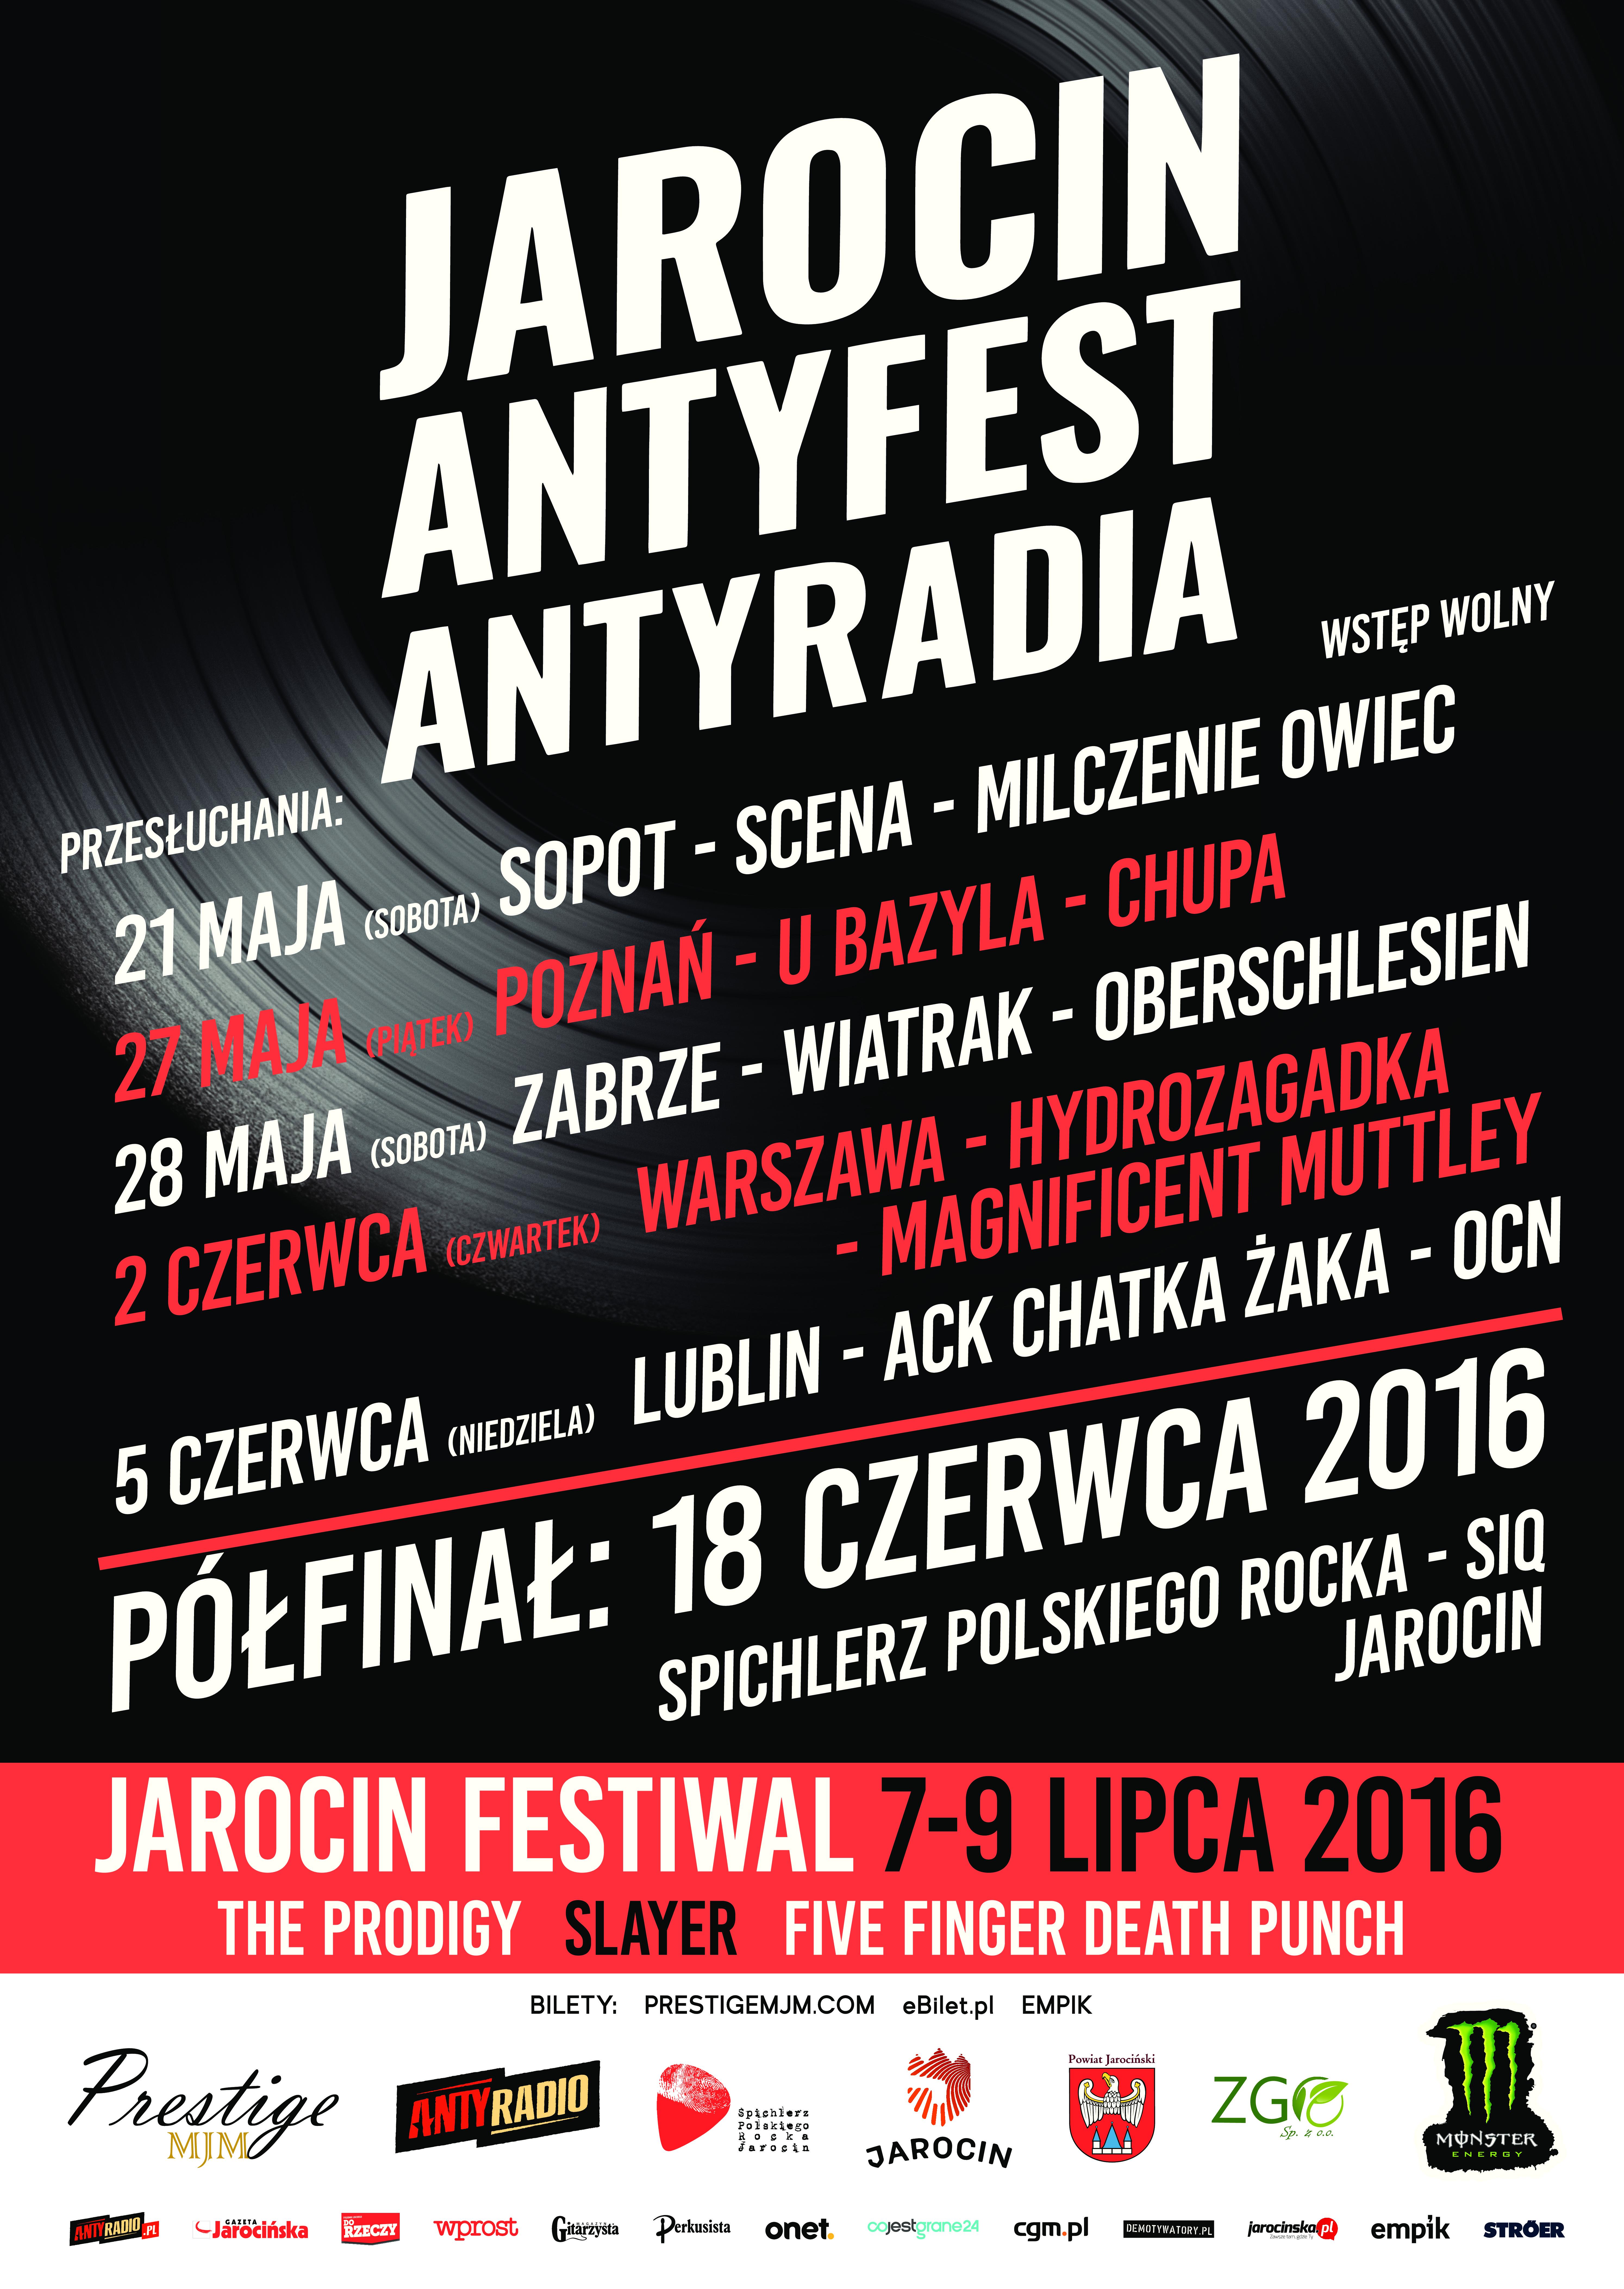 Kolejne przesłuchania przed nami: Warszawa (02.06), Lublin (05.06)